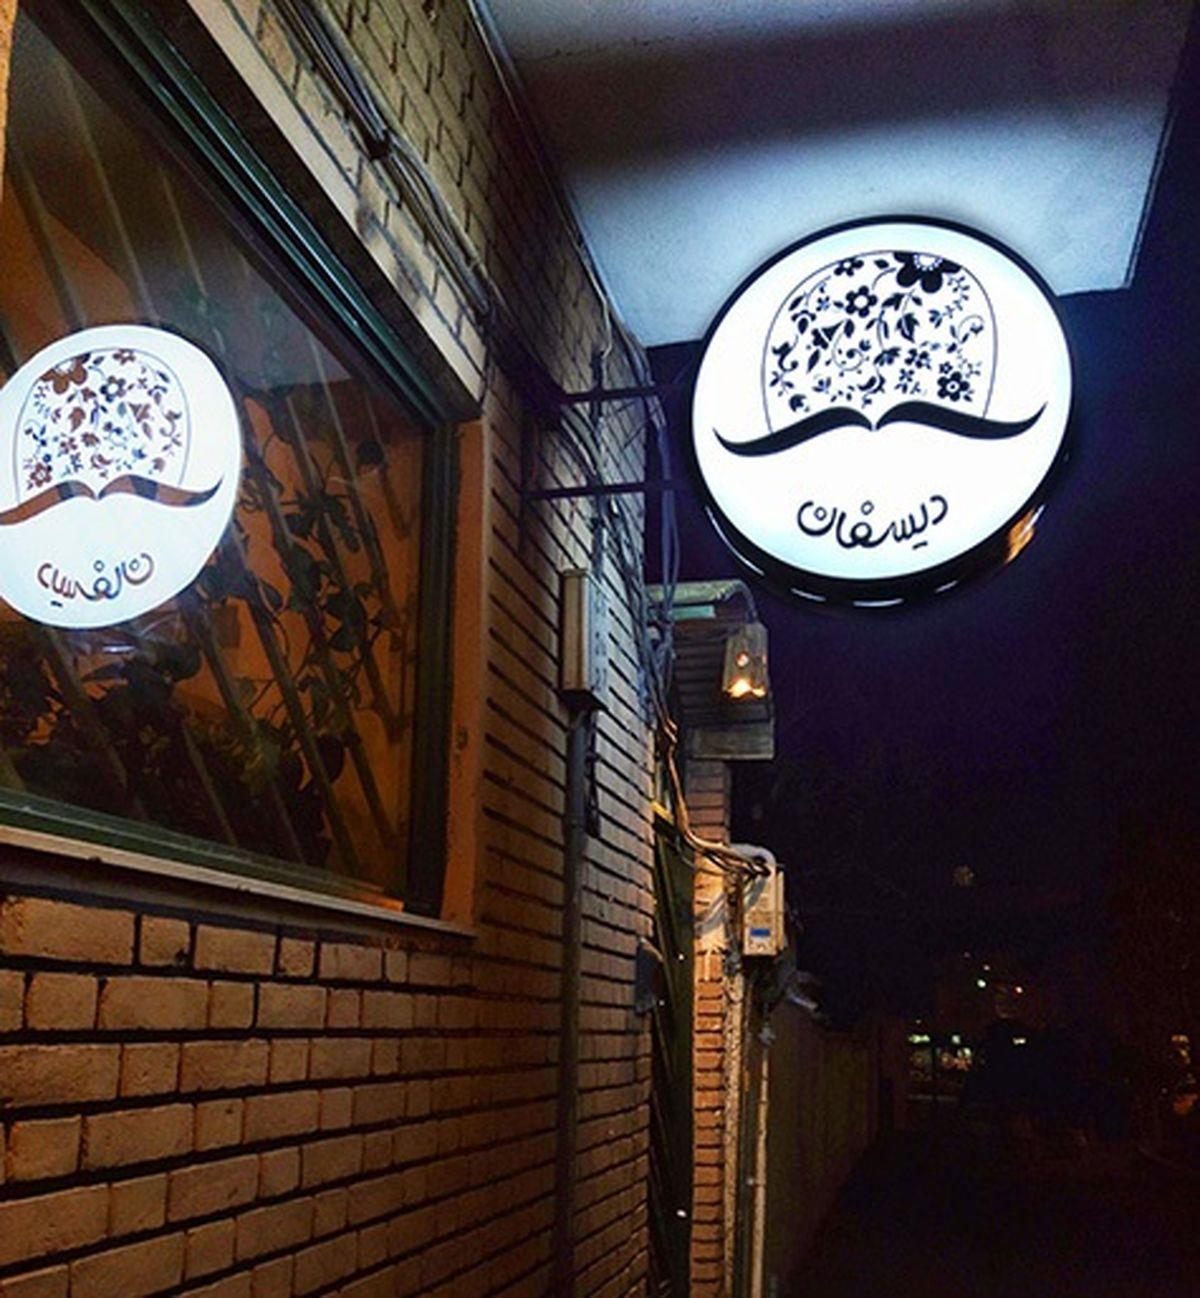 کافه دیسفان؛ جایی که بهت آرامش میده+تصاویر دیدنی